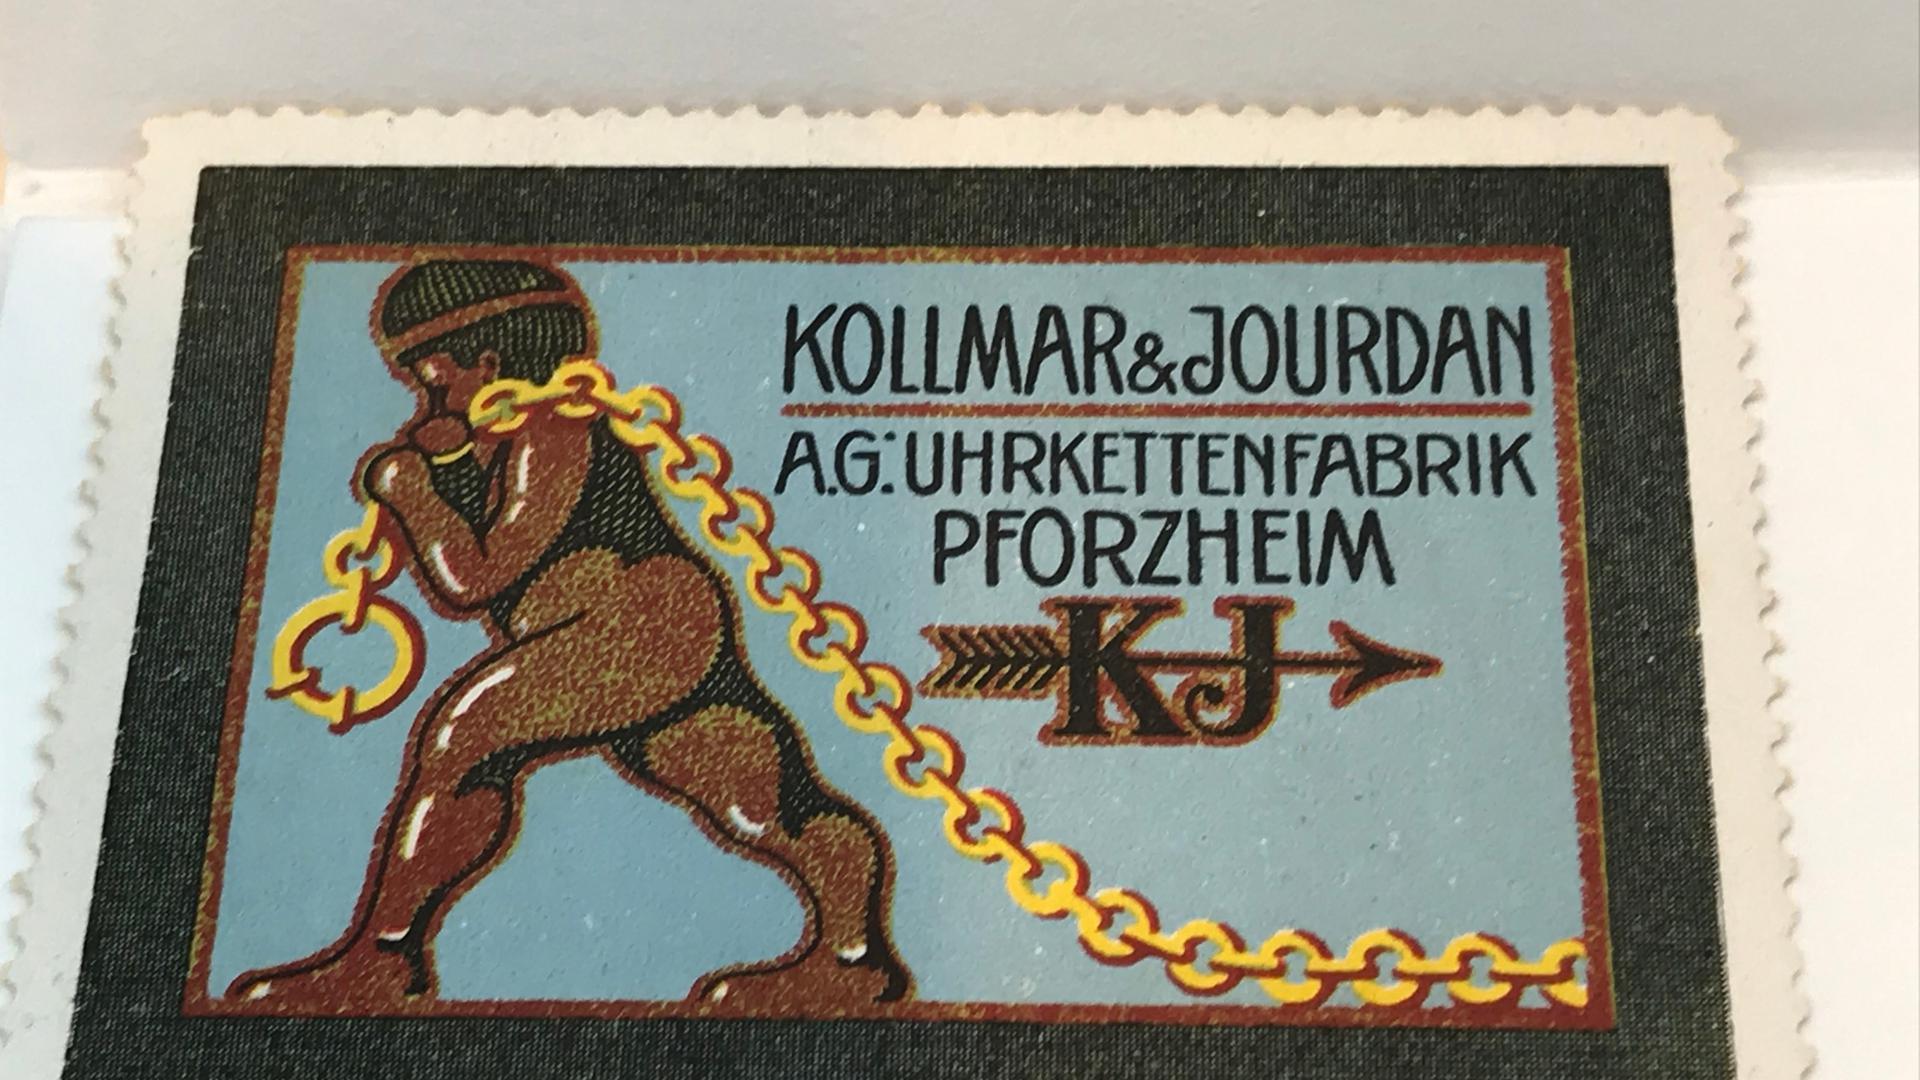 Rassistische Werbung: In den 1920er Jahren hatte die Pforzheimer Uhrenfabrik Kollmar & Jourdan mit einem kettentragenden Afrikaner als Werbebotschafter keine Probleme.